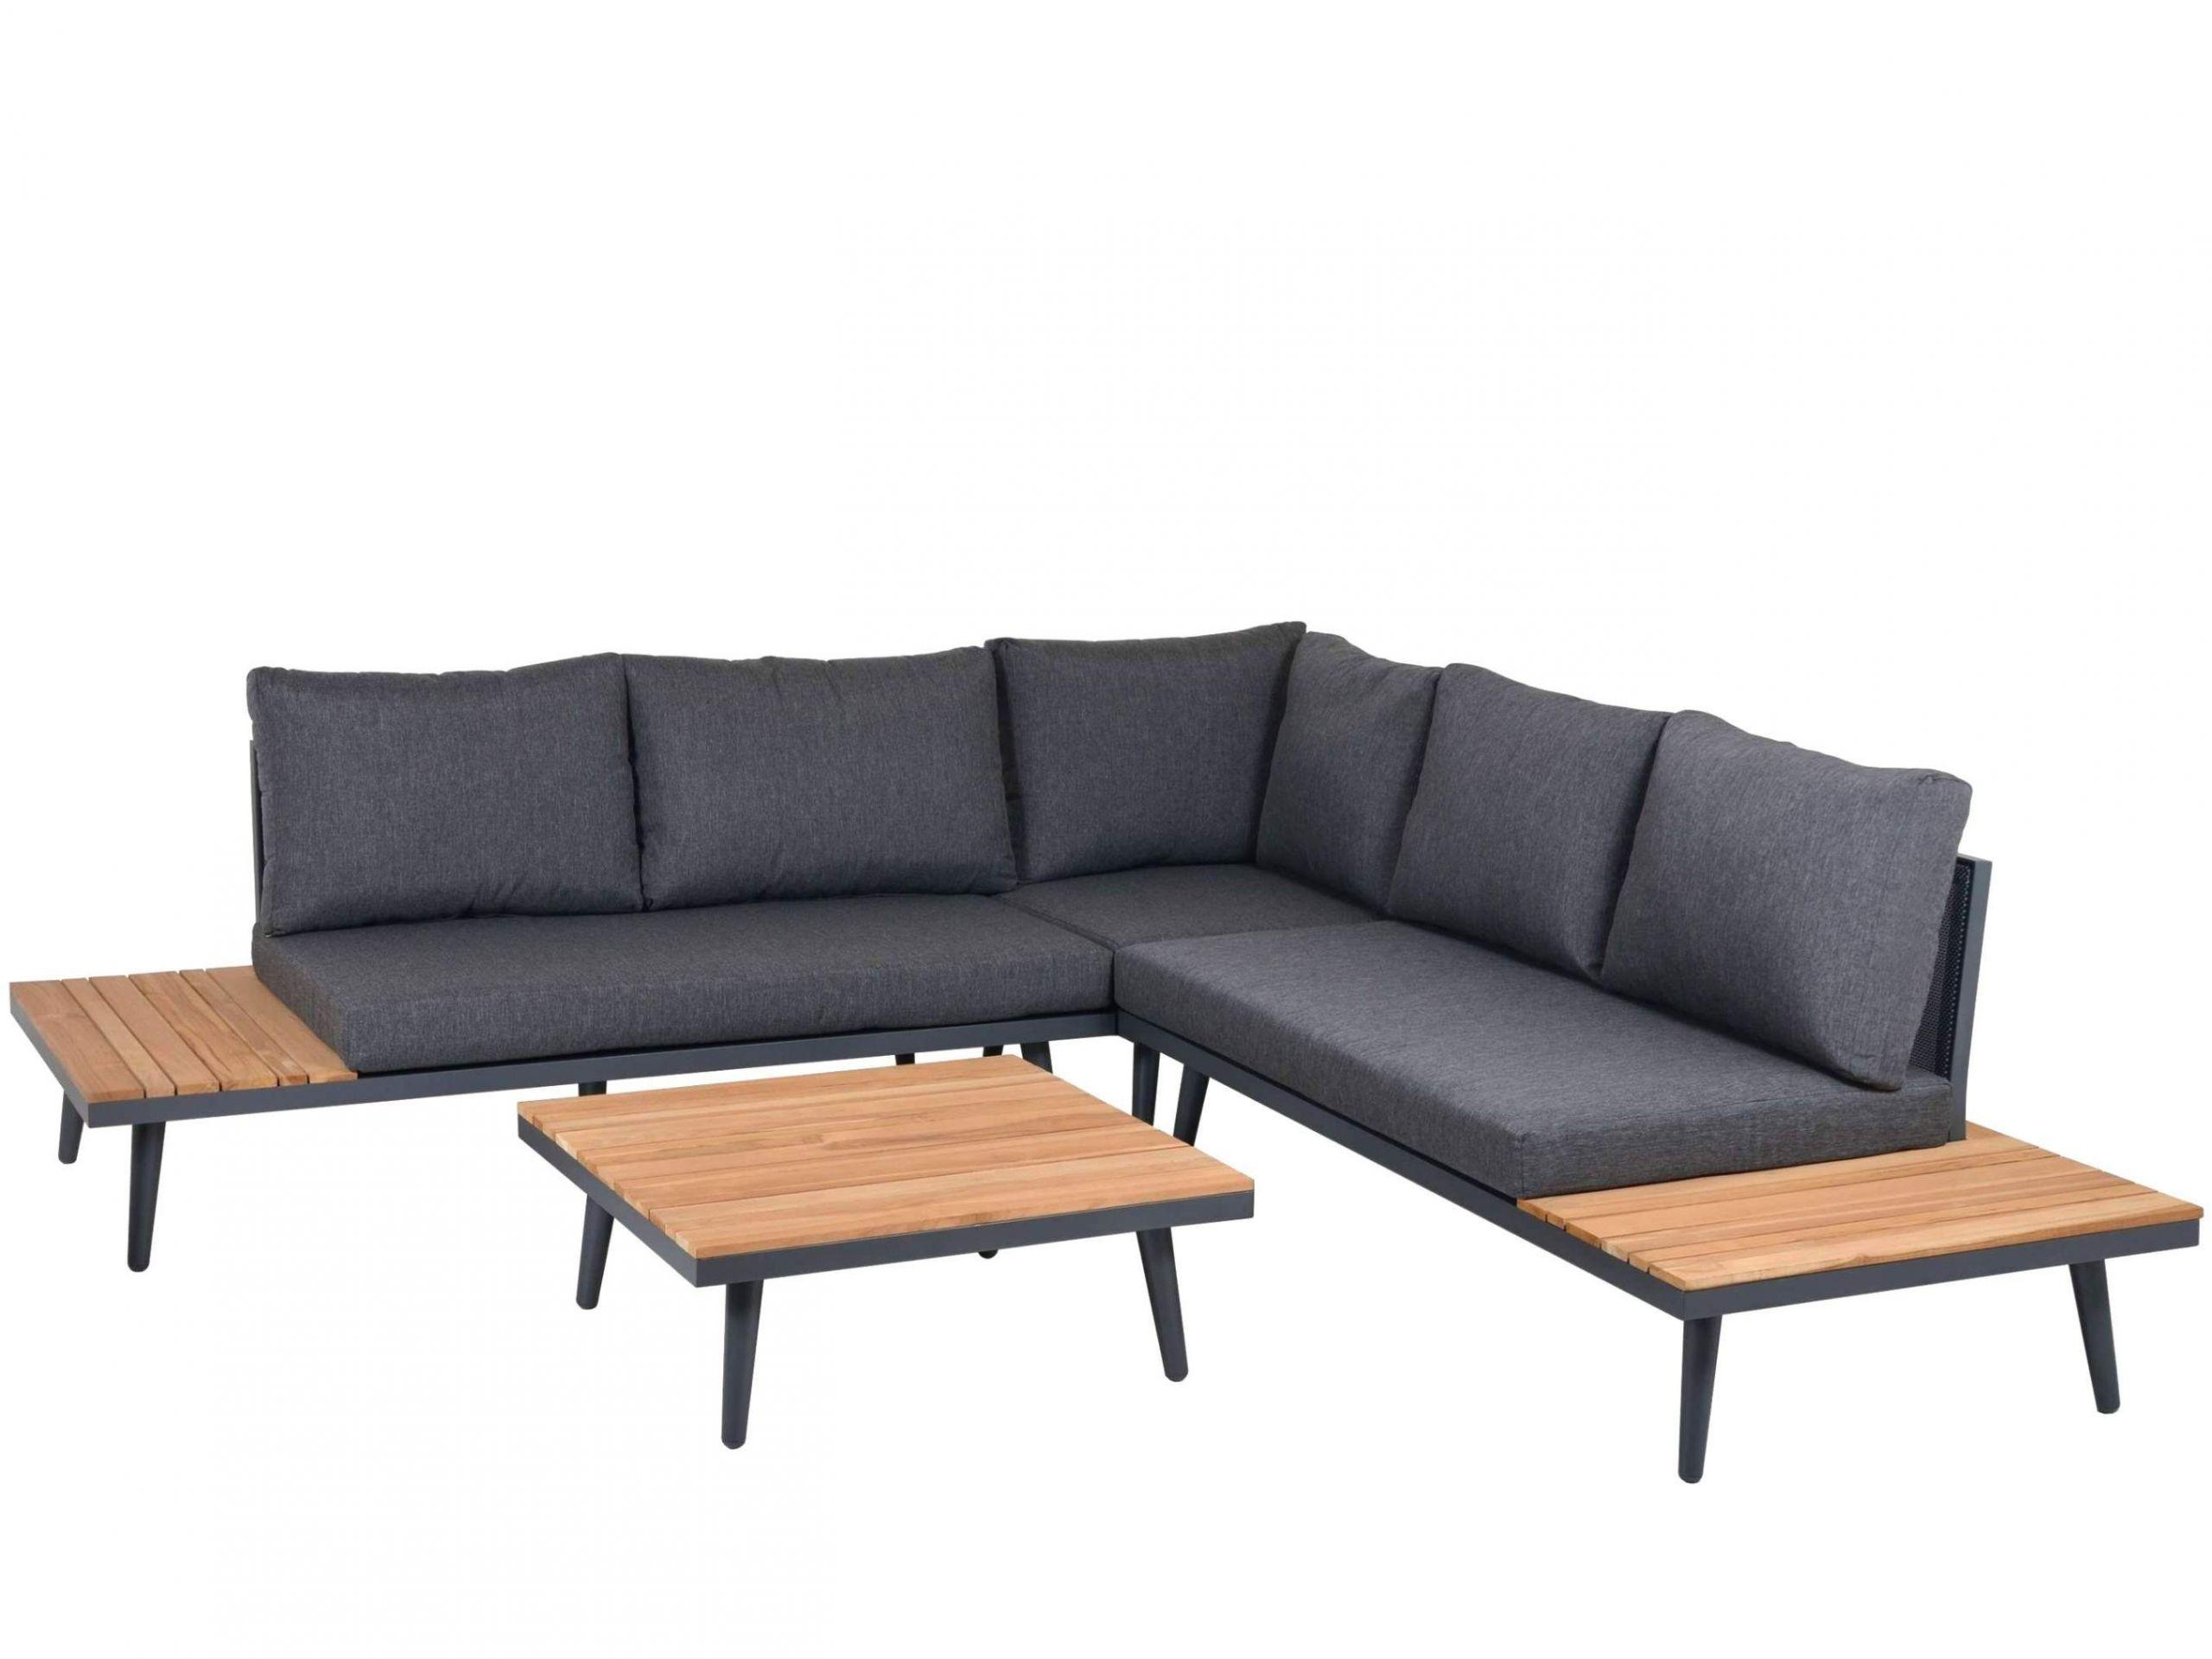 sofa selbst bauen luxus 20 inspirierend lounge sofa selber bauen outdoor lounge selber bauen outdoor lounge selber bauen